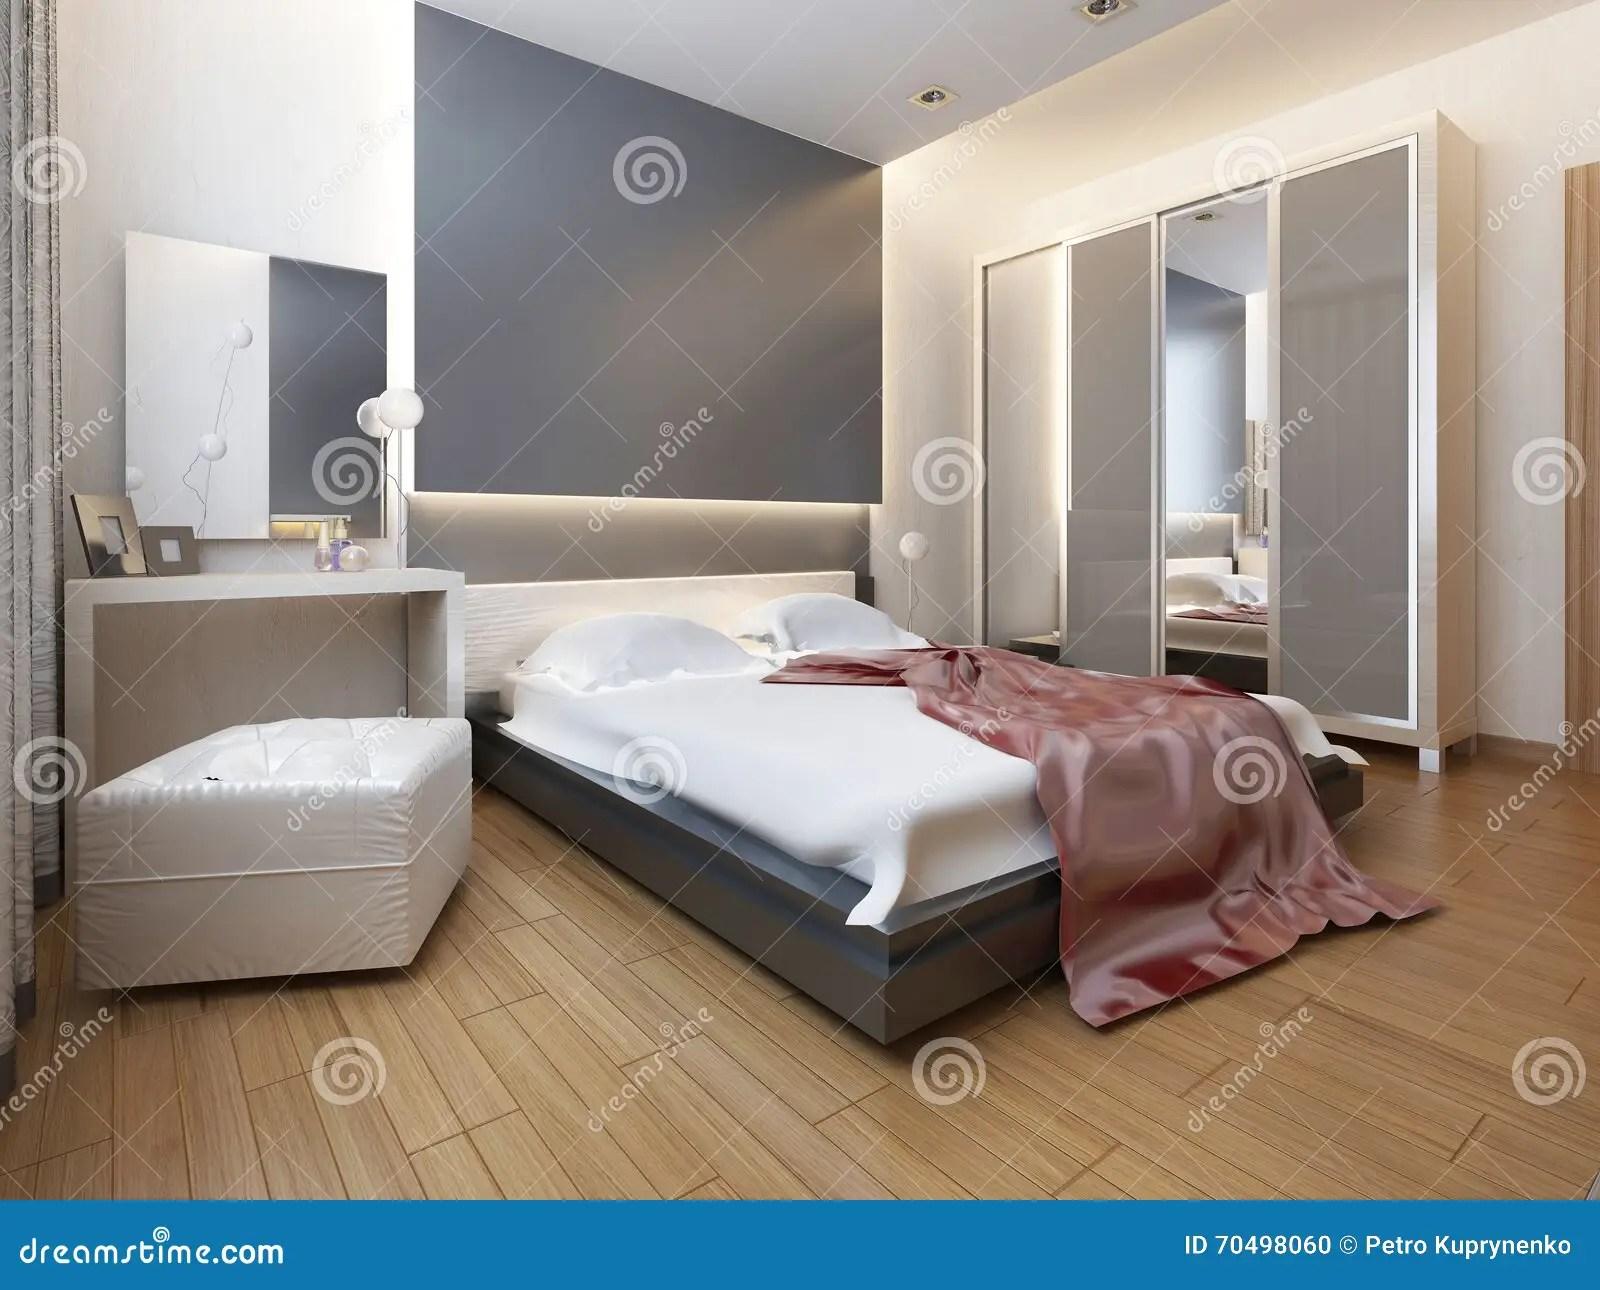 Camera Da Letto Stile Orientale : Camere da letto stile zen camera da letto stile veneziano